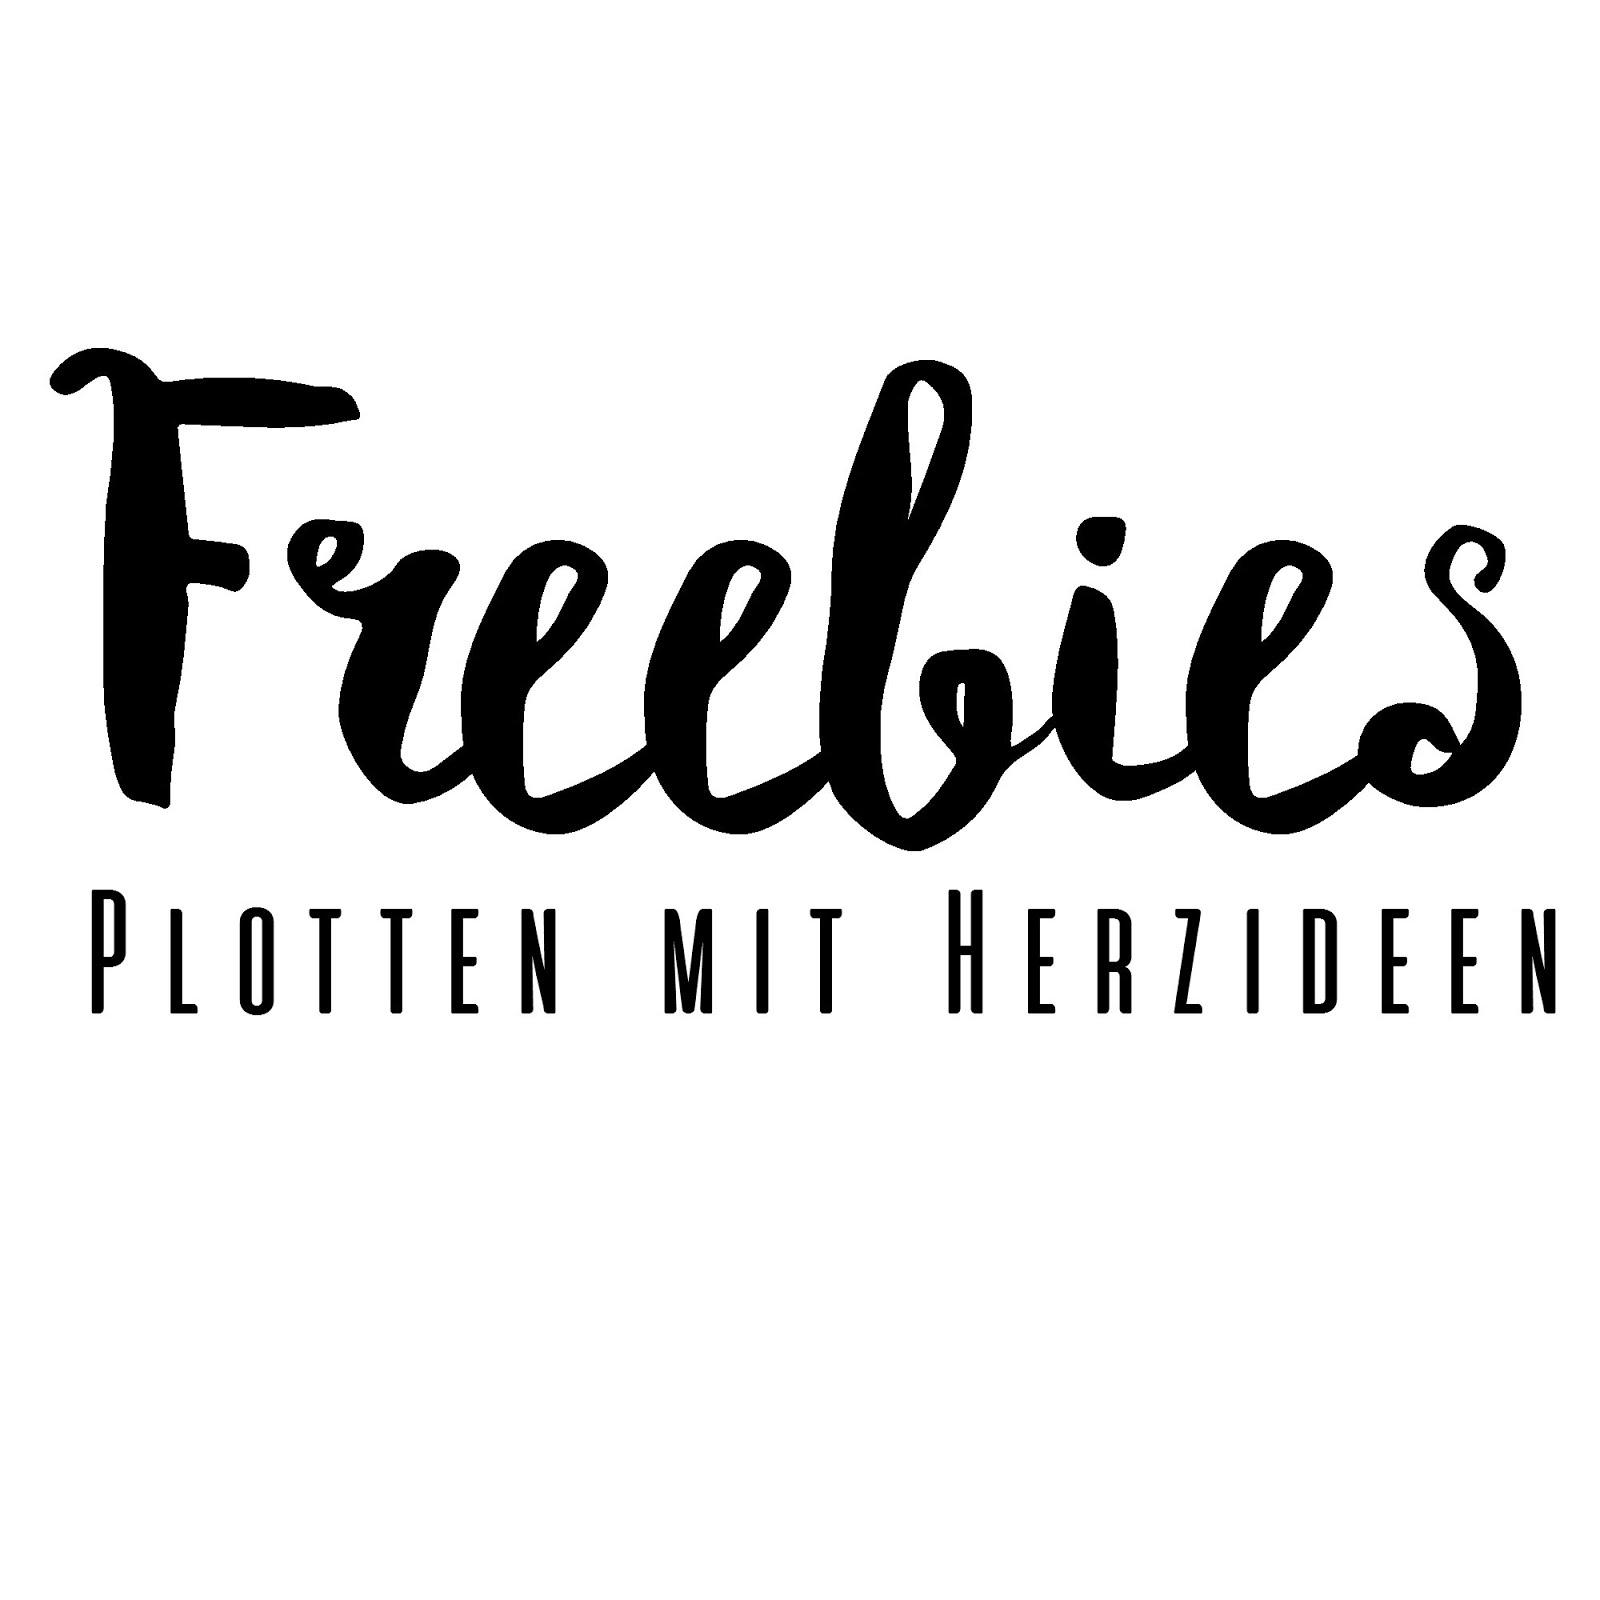 Plotterdatein for Free